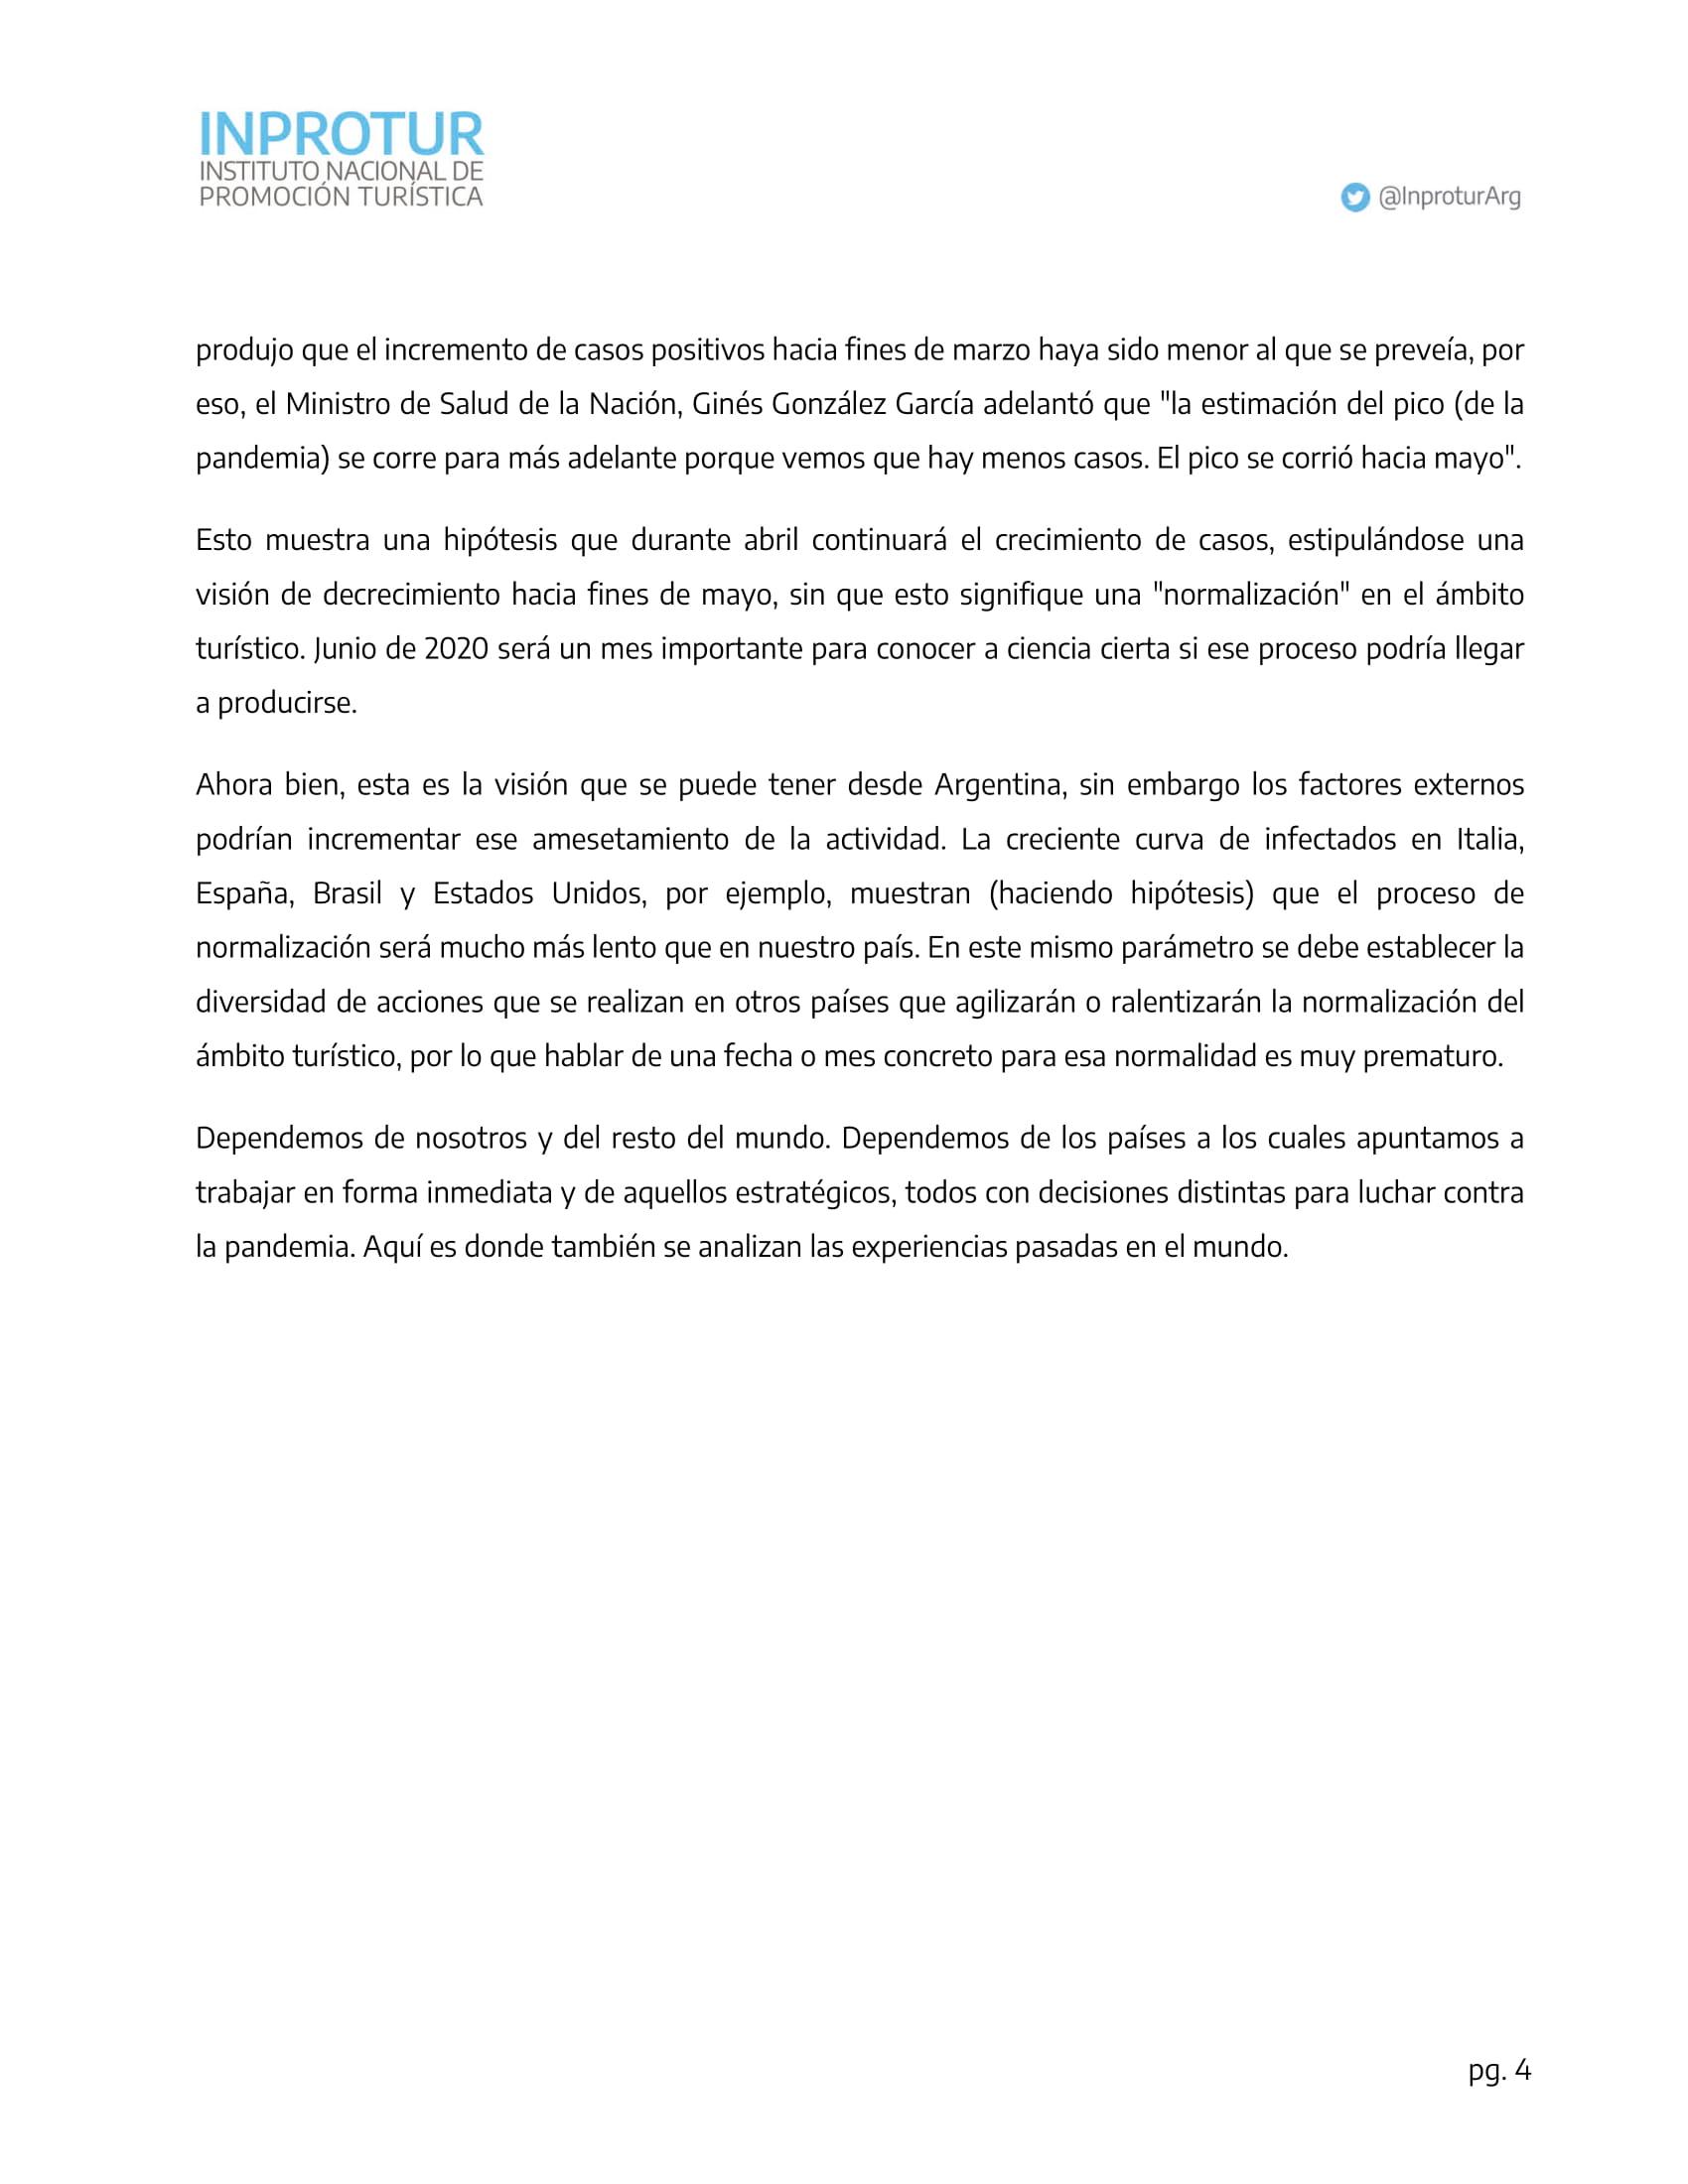 Informe-de-coyuntura-Turismo-y-Coronavirus-2020-04